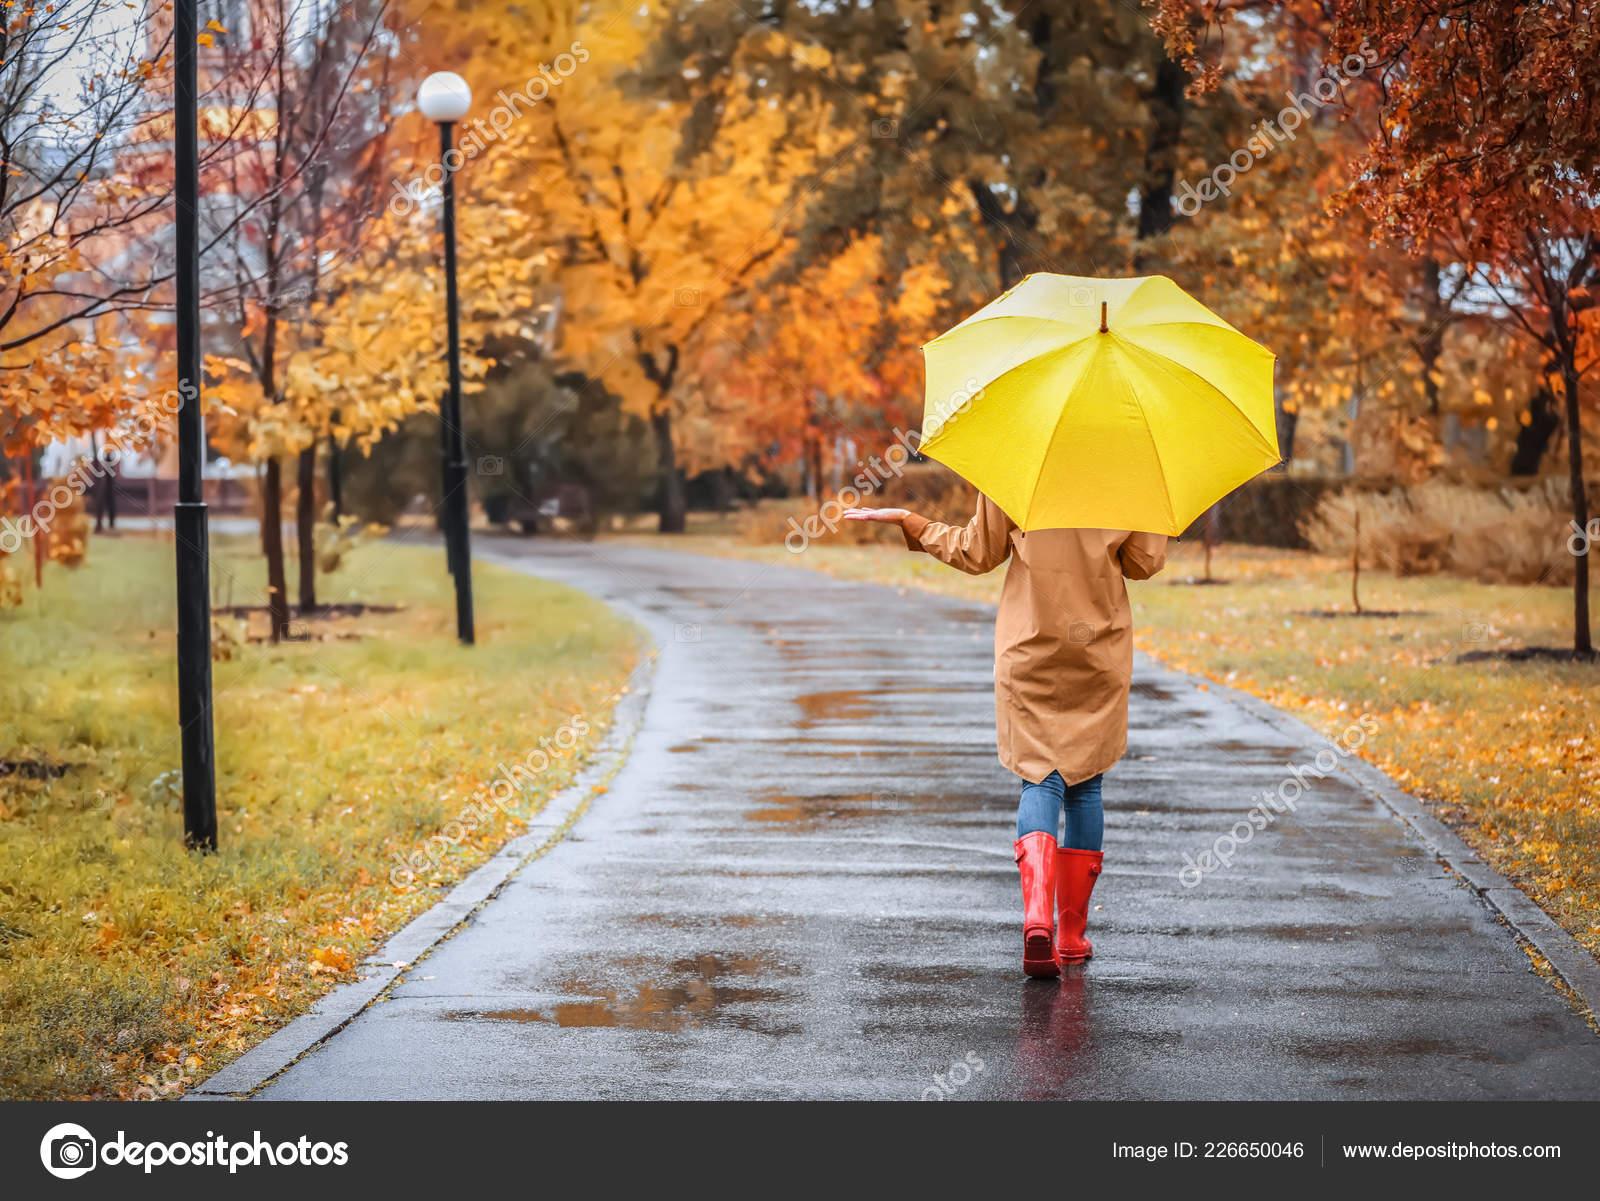 Resultado de imagem para Passear a chuva com umbrella